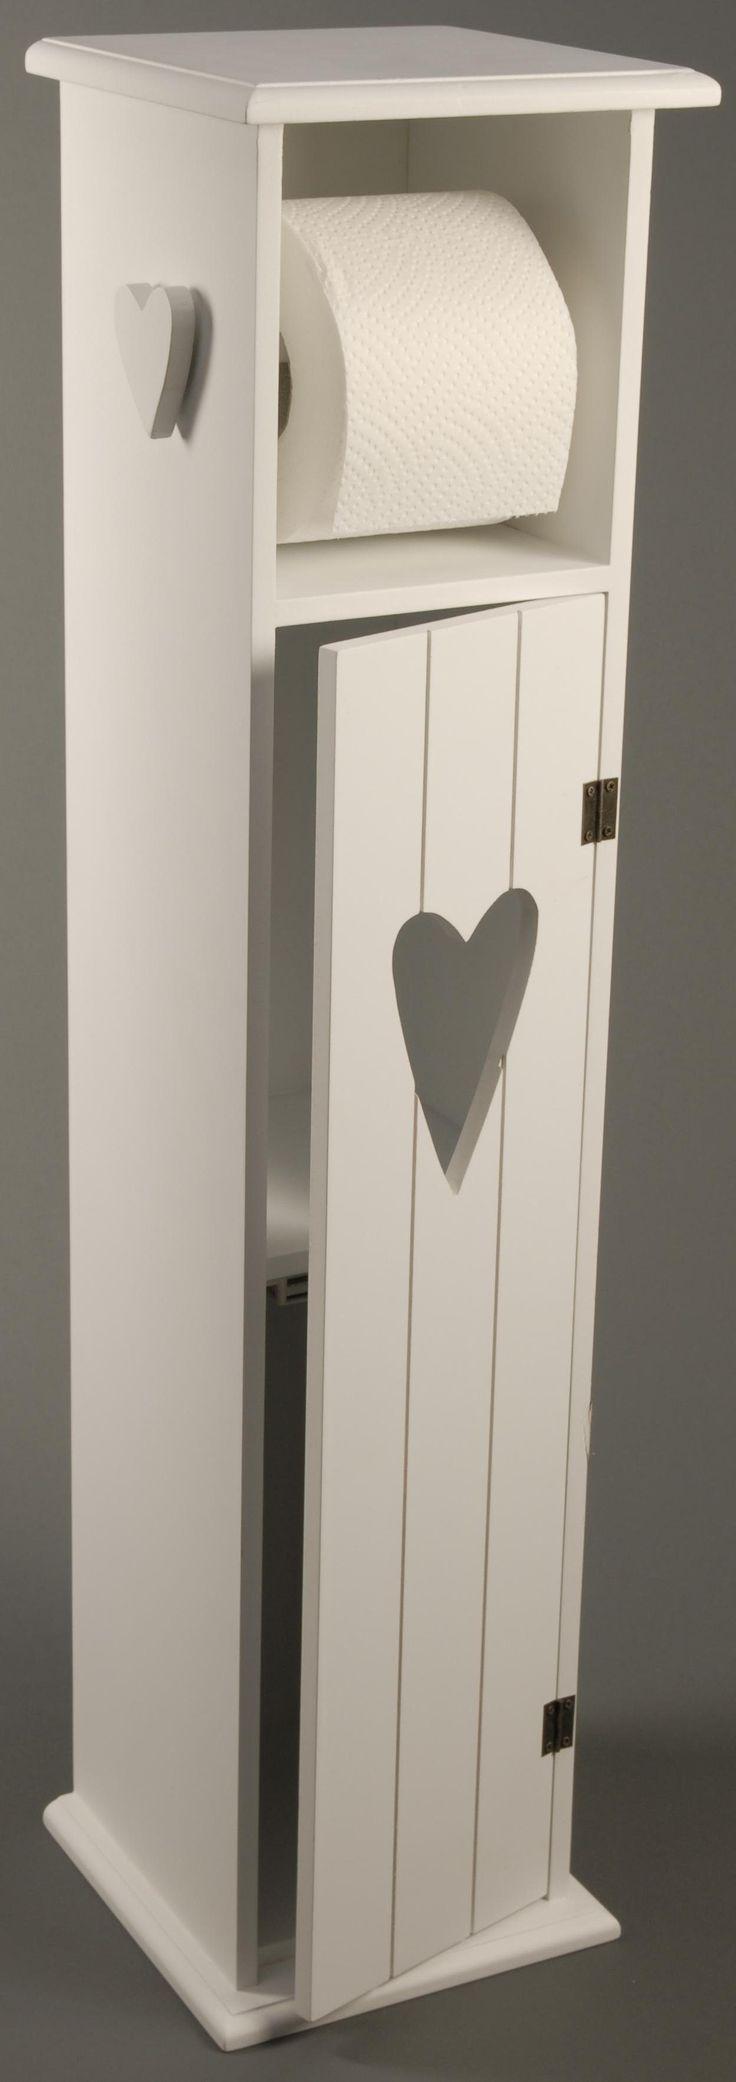 die besten 25 bad holzfliesen ideen auf pinterest. Black Bedroom Furniture Sets. Home Design Ideas